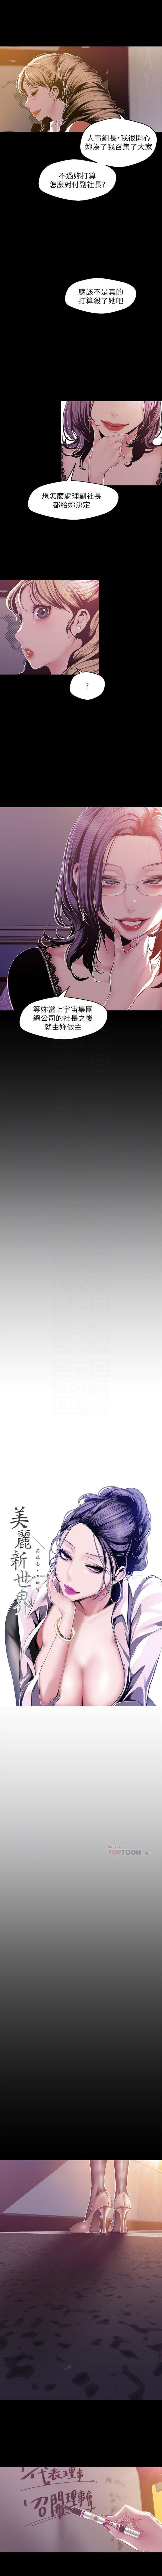 (週1)美麗新世界 1-76 中文翻譯 (更新中) 605